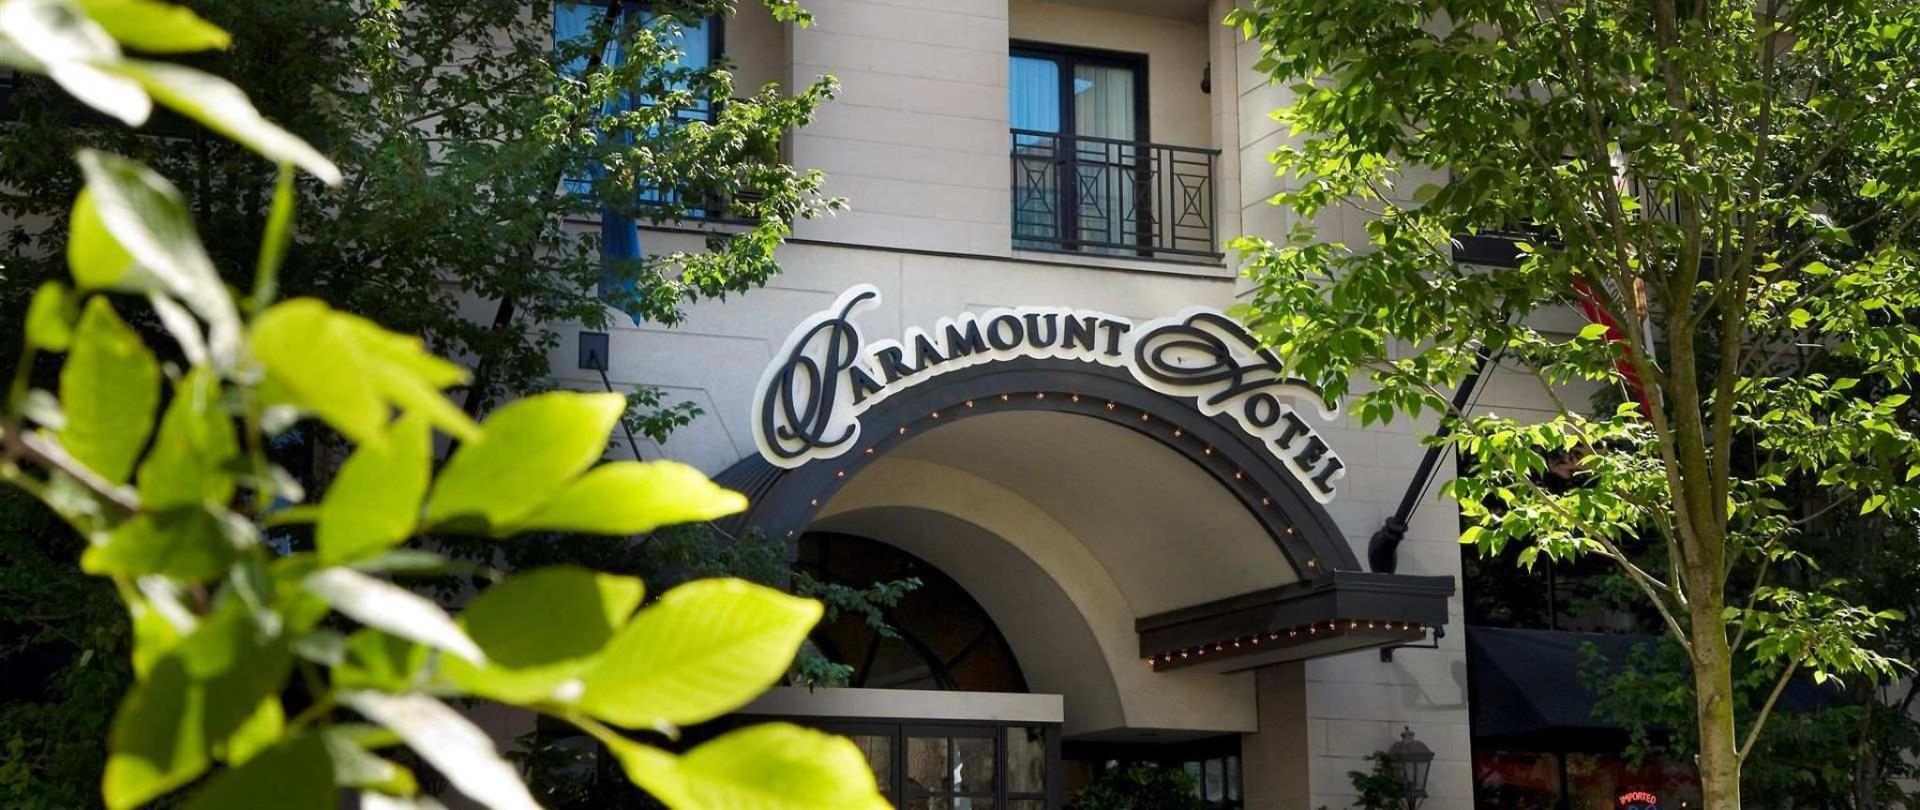 El Paramount Hotel Portland